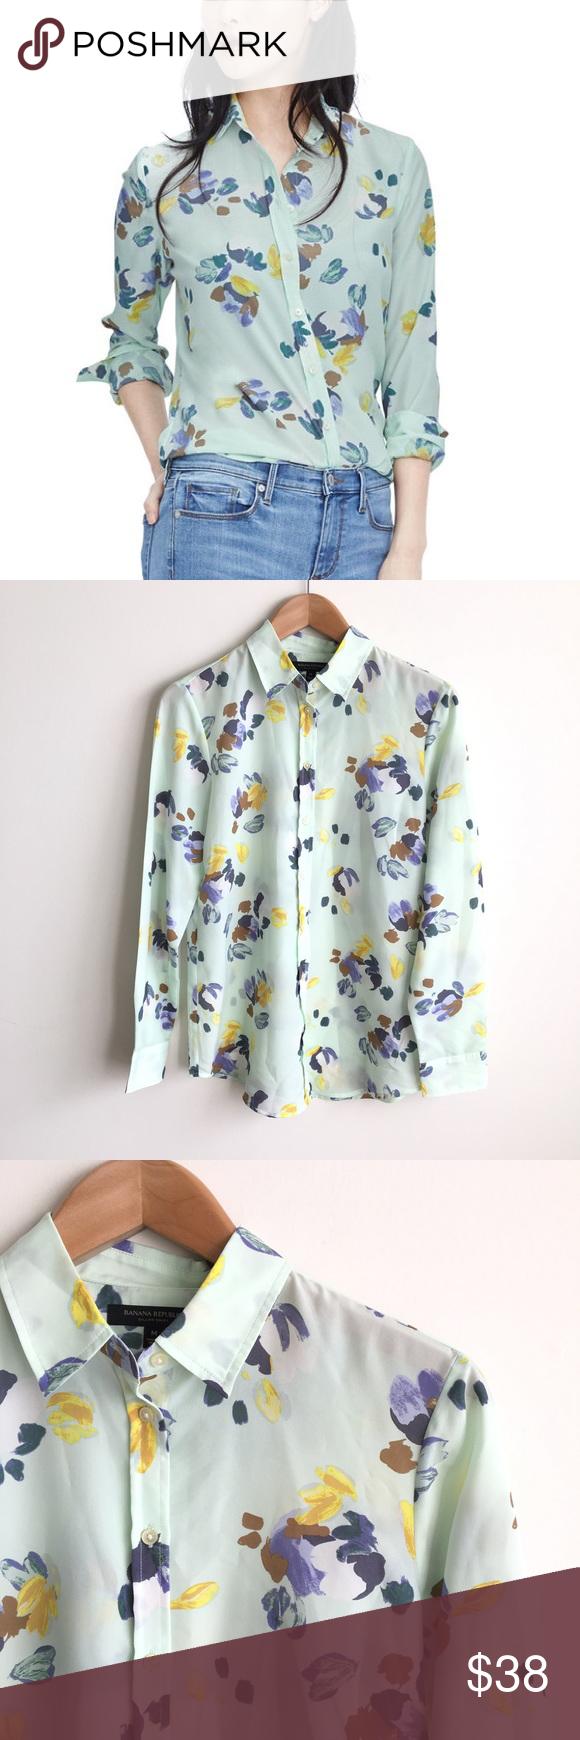 490ff236 Banana Republic Dillon Floral Button Down Shirt 100% polyester ...